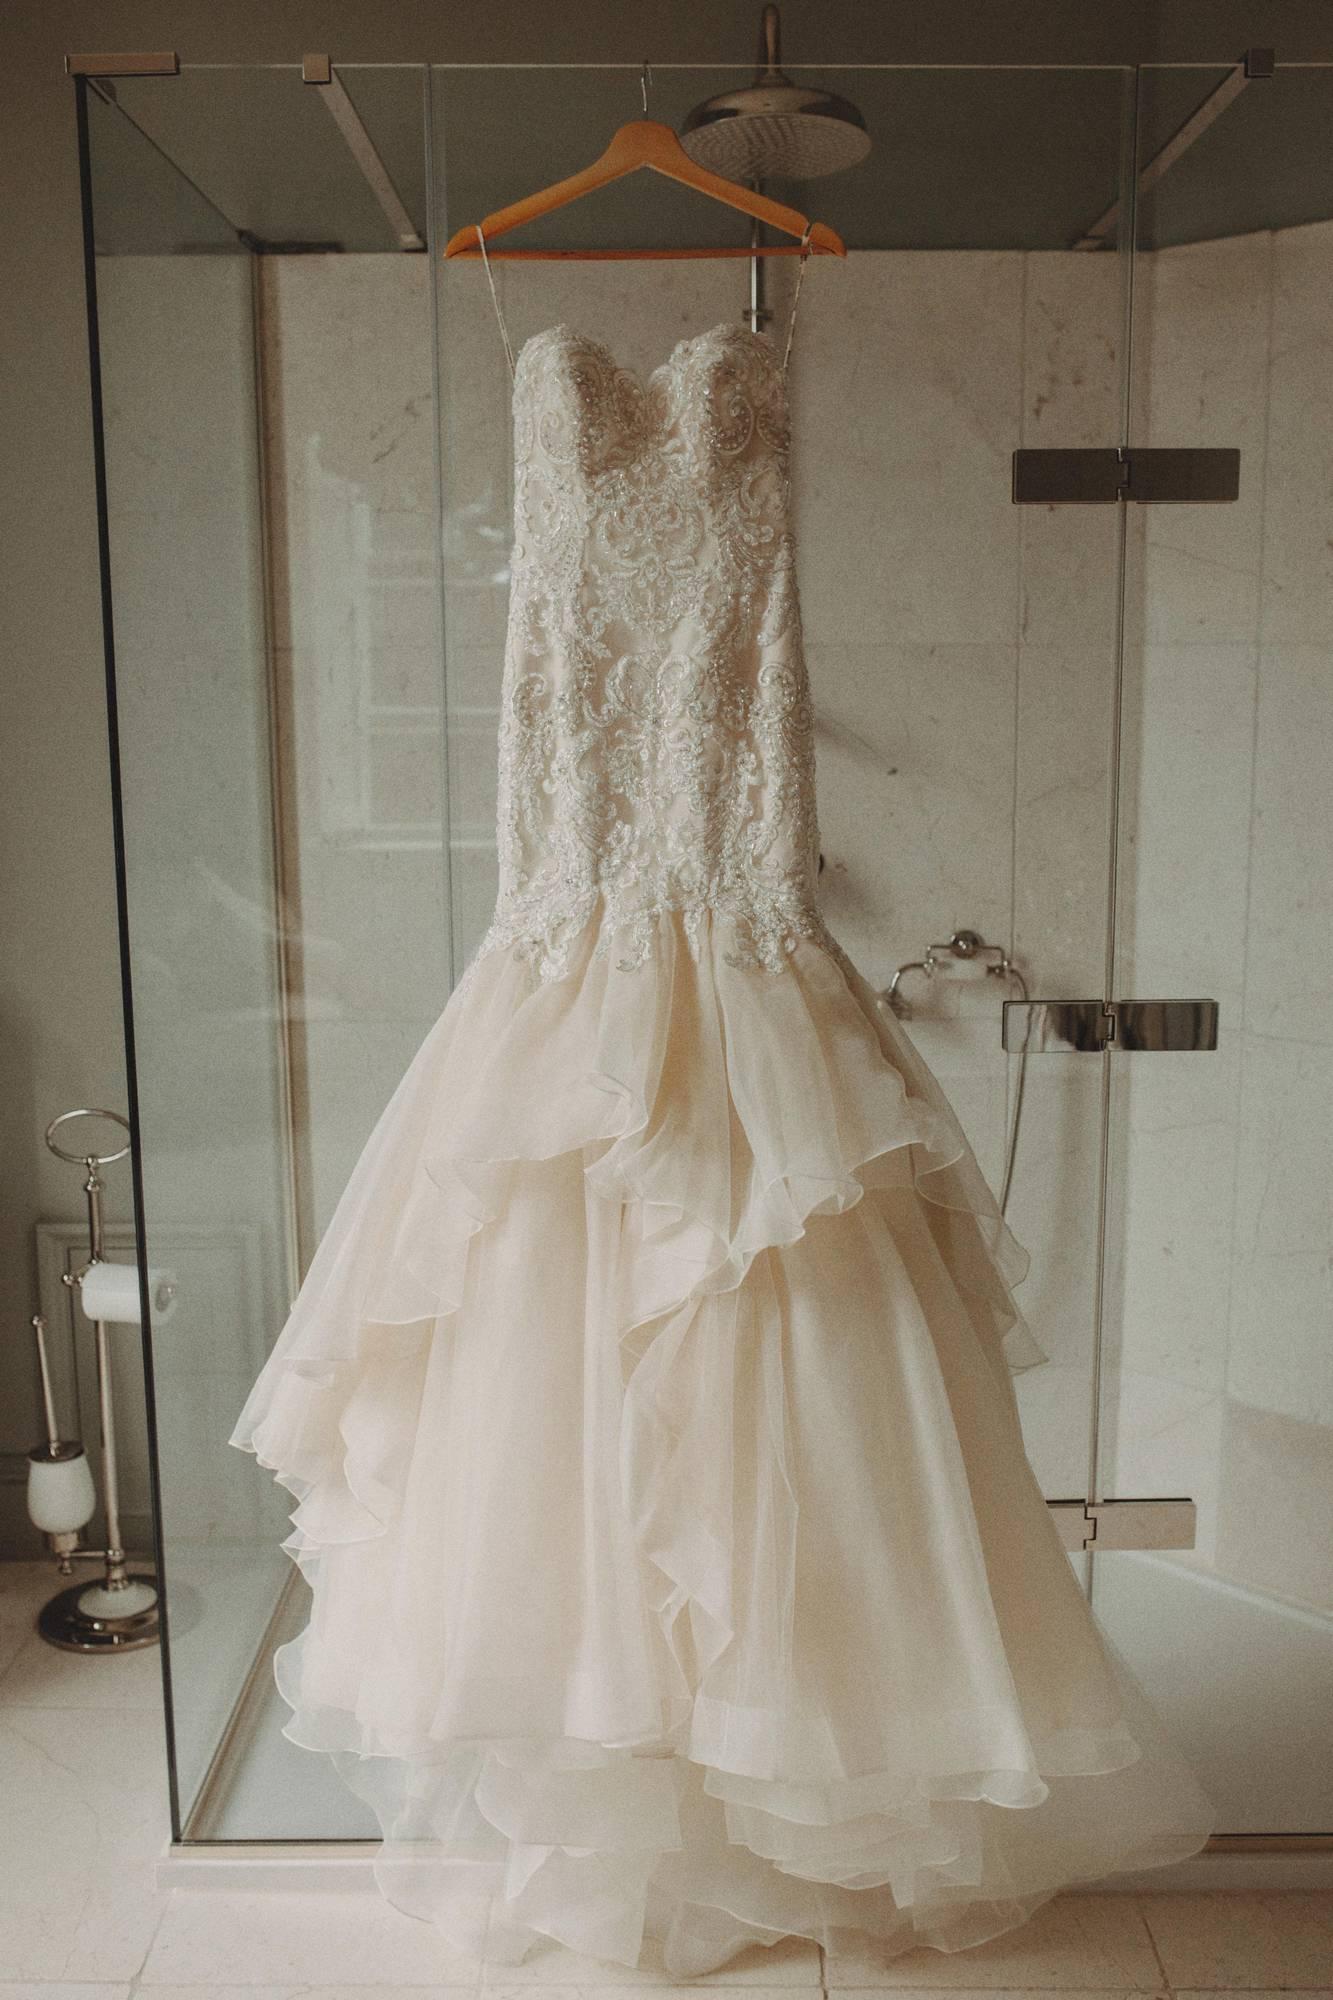 wedding dress hanging at elmore court